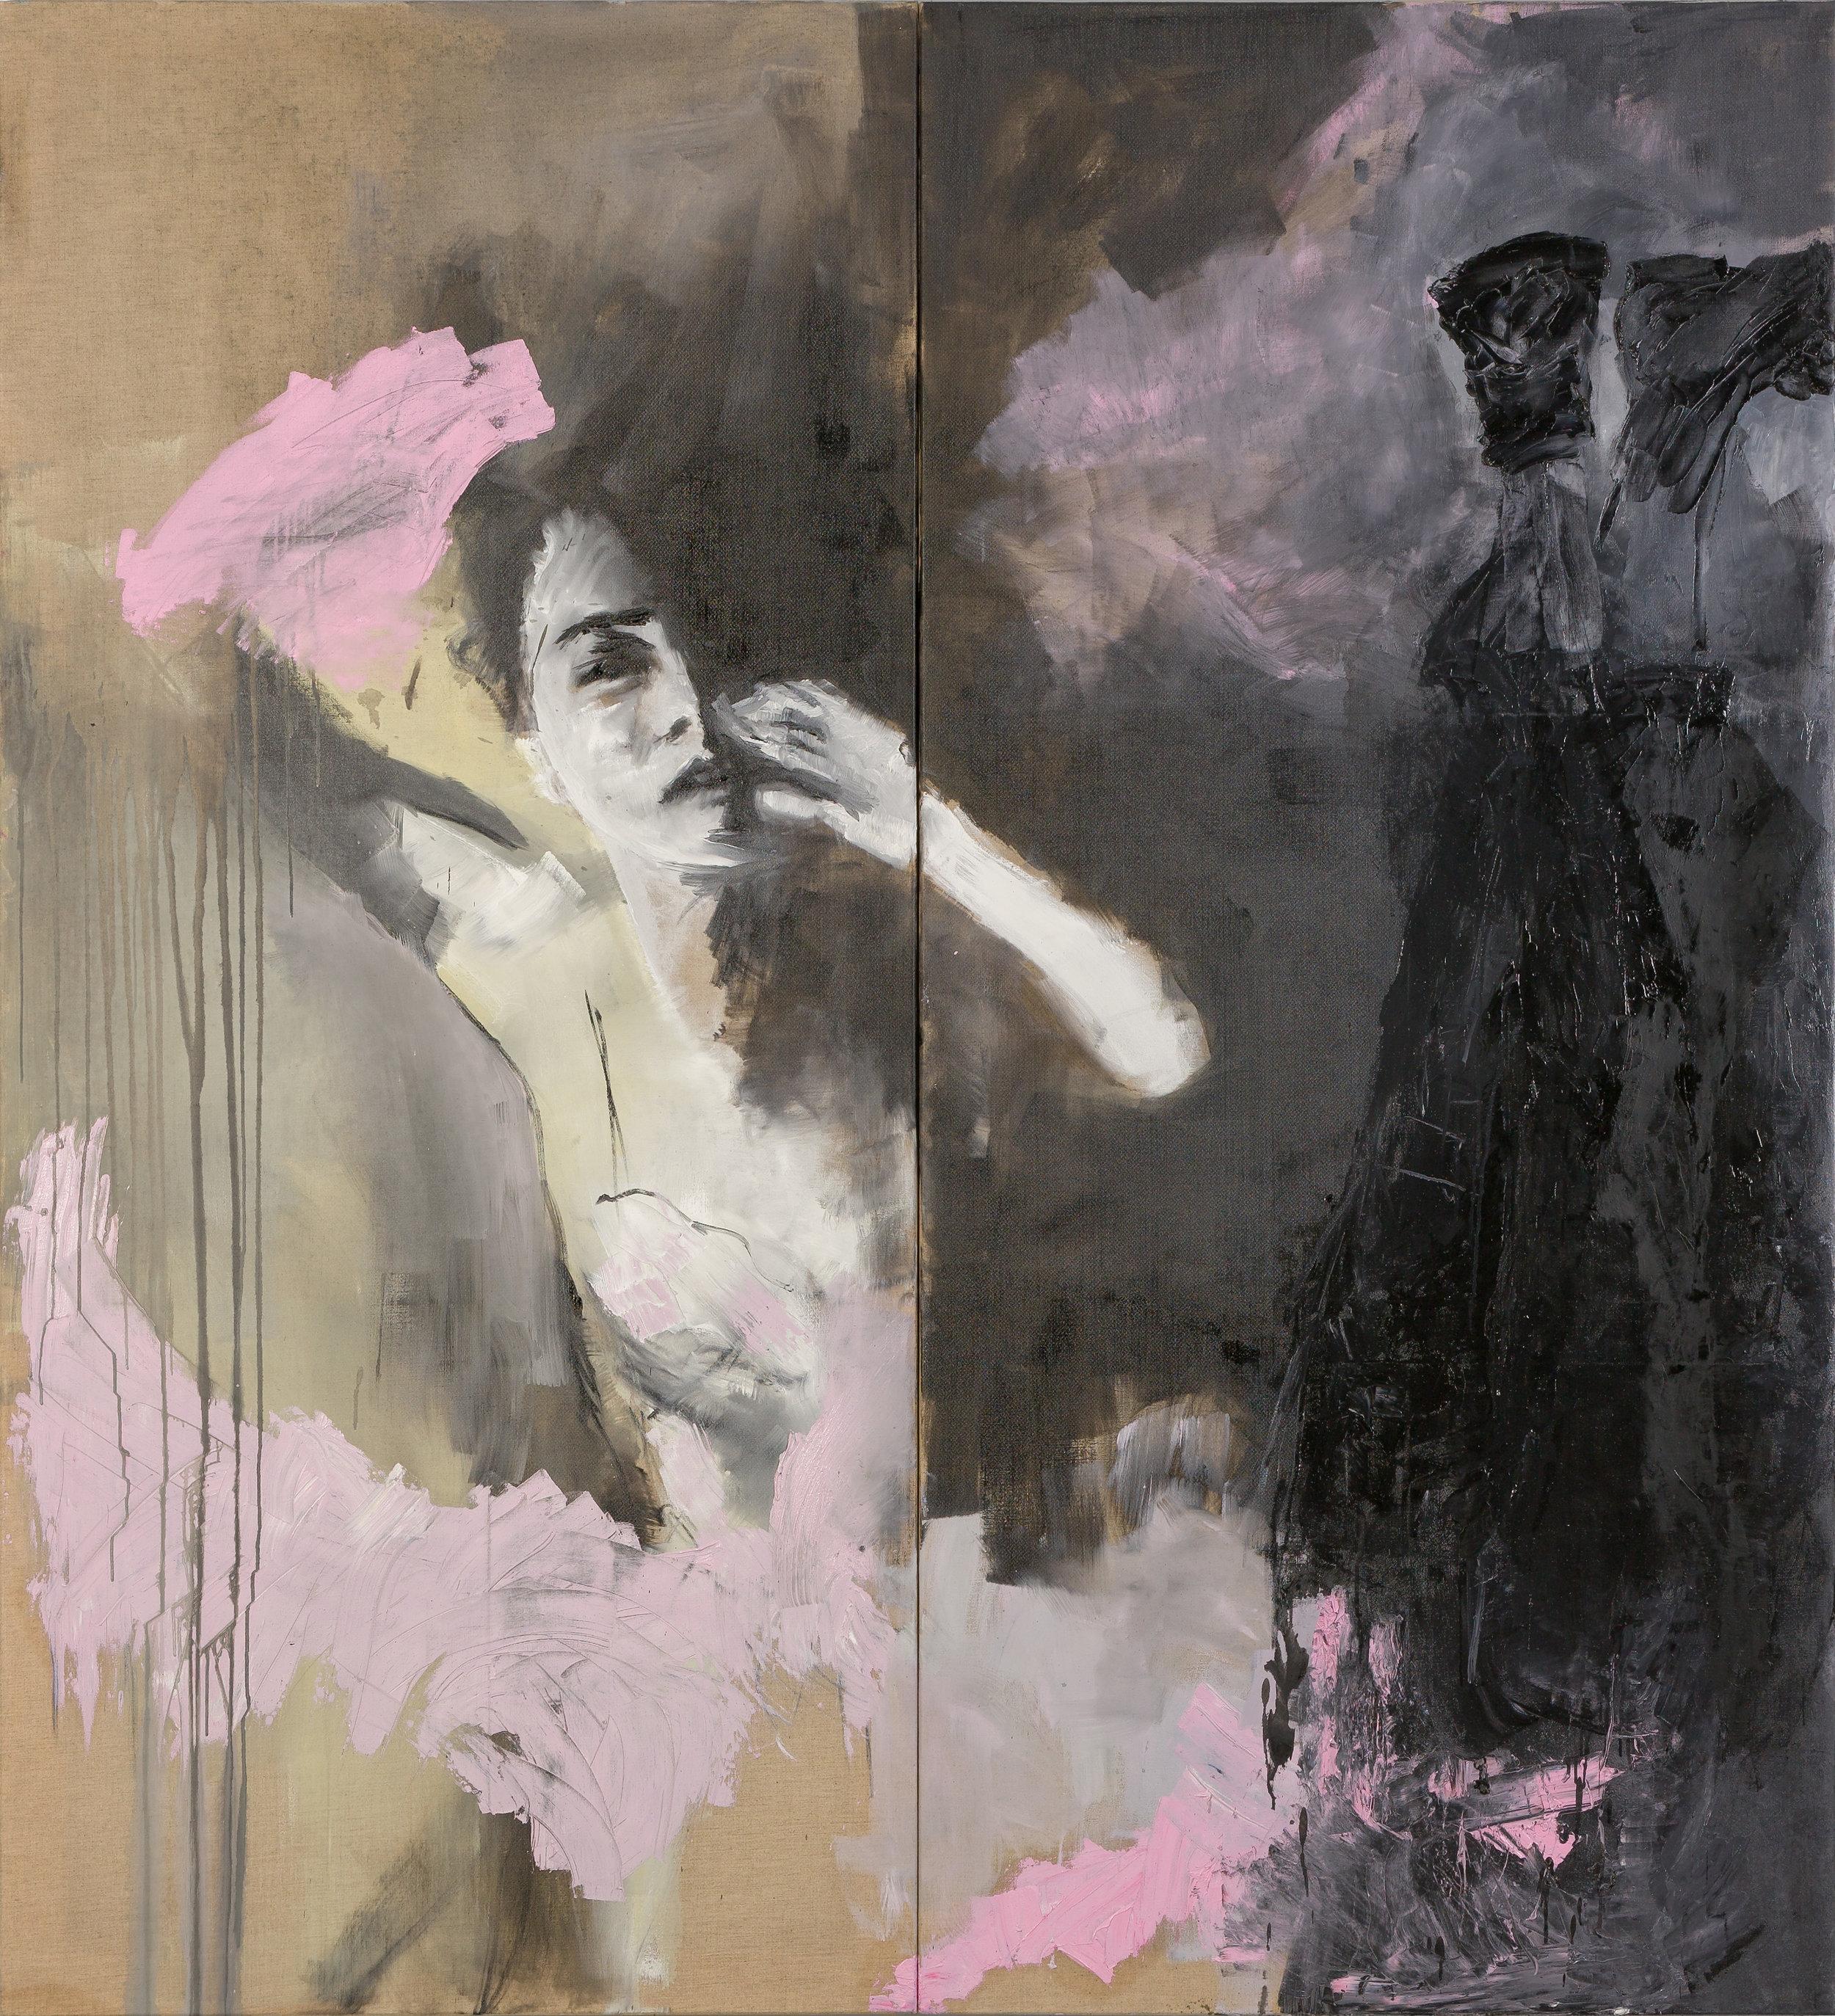 Molly Bloom - 2013200 x 200 cm